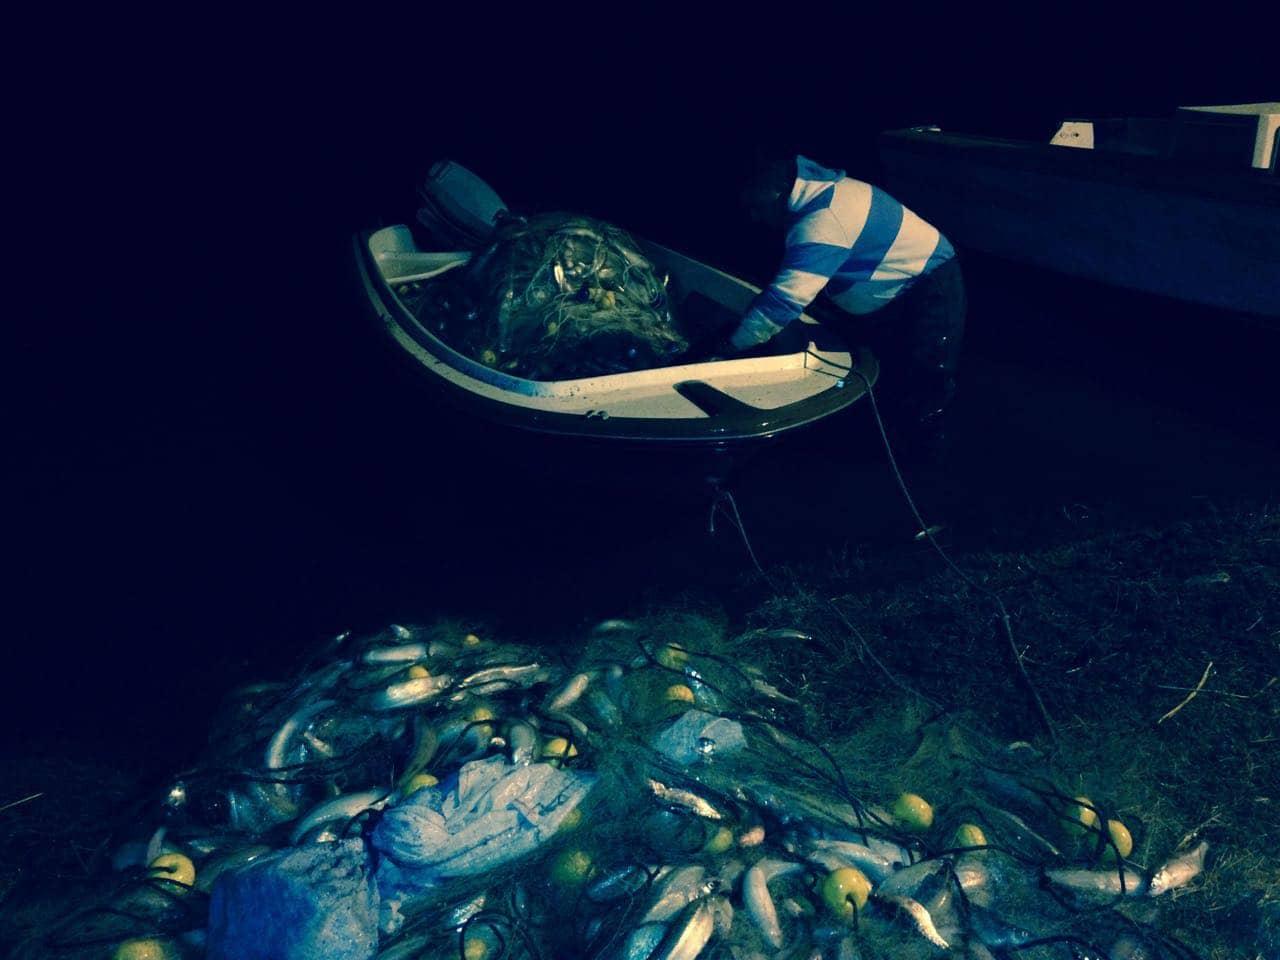 Golpe a la pesca clandestina: se secuestraron redes y casi 500 kilos de pescado